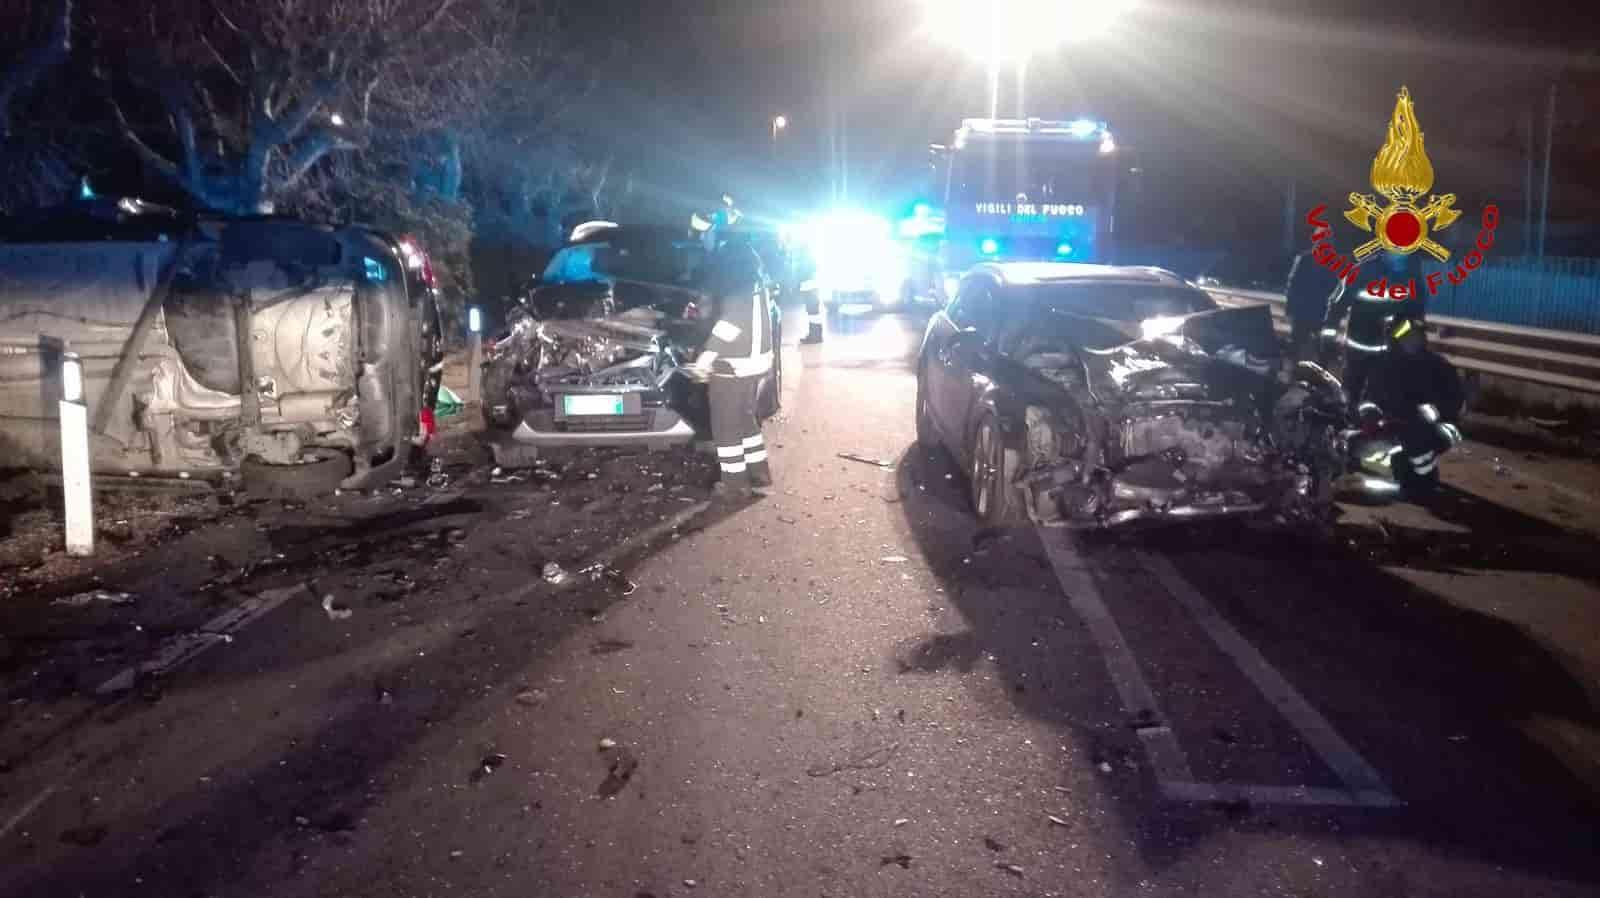 Porto Recanati, drammatico frontale nella notte: muoiono mamma e papà, figli piccoli feriti